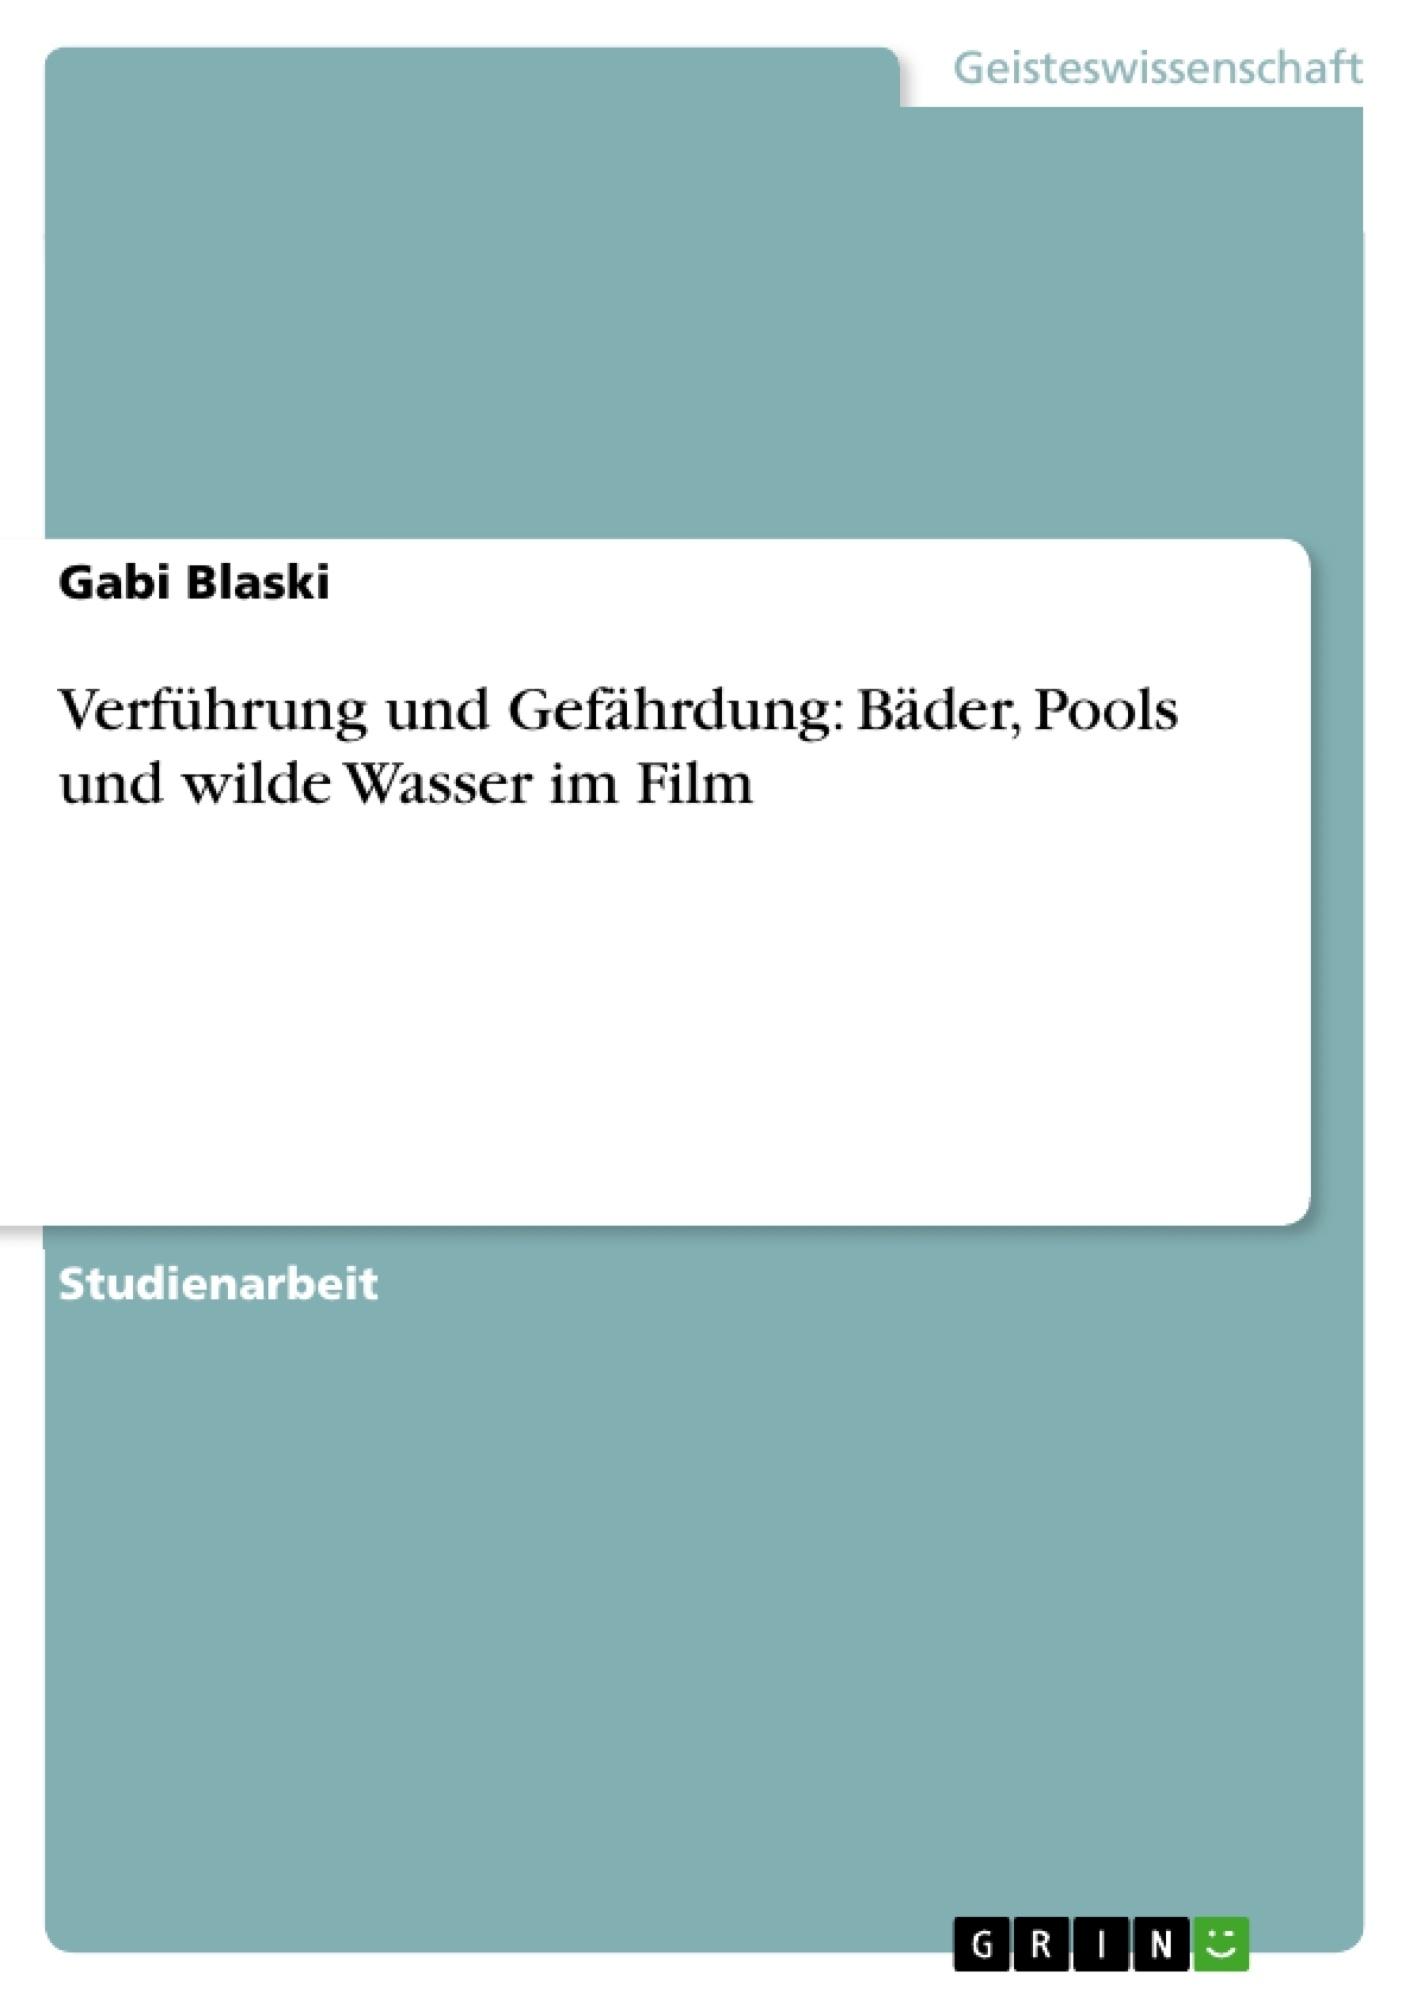 Titel: Verführung und Gefährdung: Bäder, Pools und wilde Wasser im Film